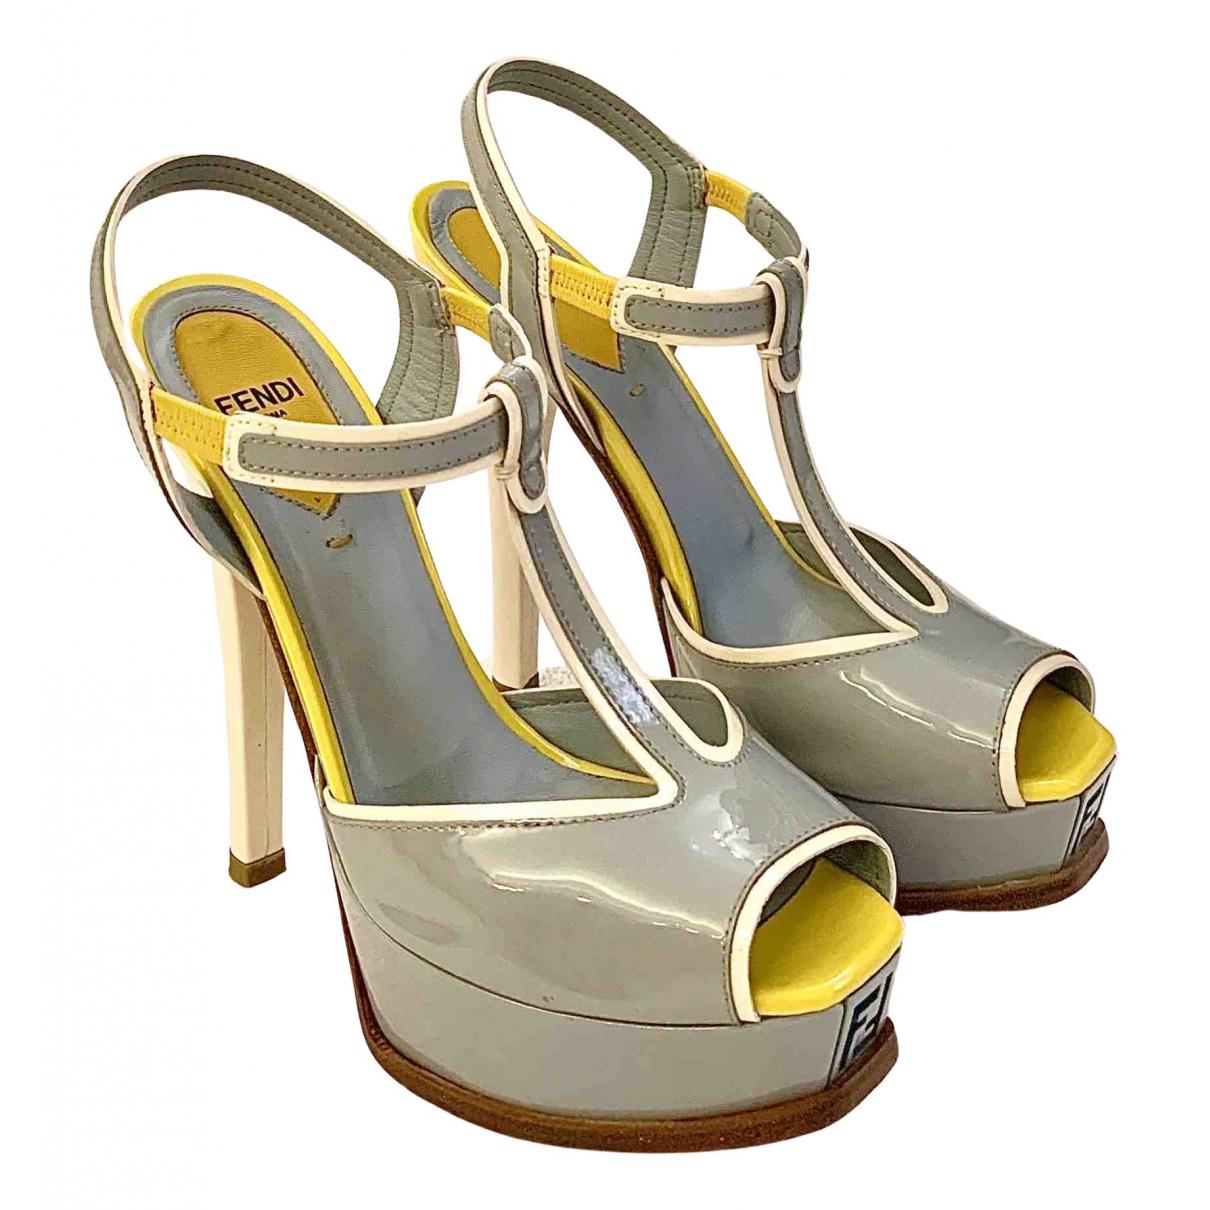 Fendi - Sandales   pour femme en cuir verni - multicolore